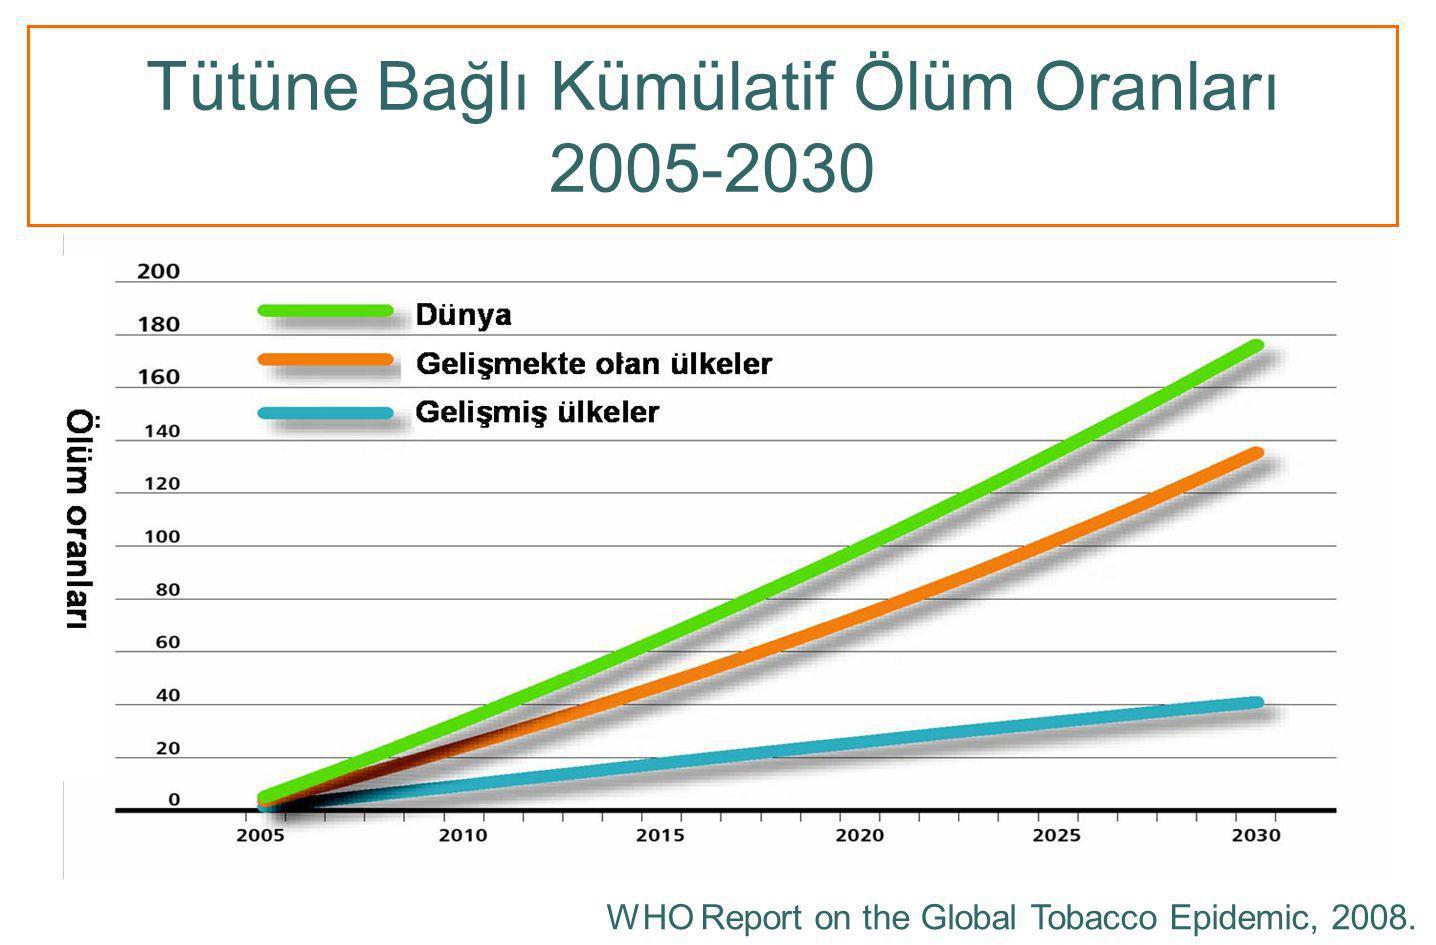 Tütüne Bağlı Kümülatif Ölüm Oranları